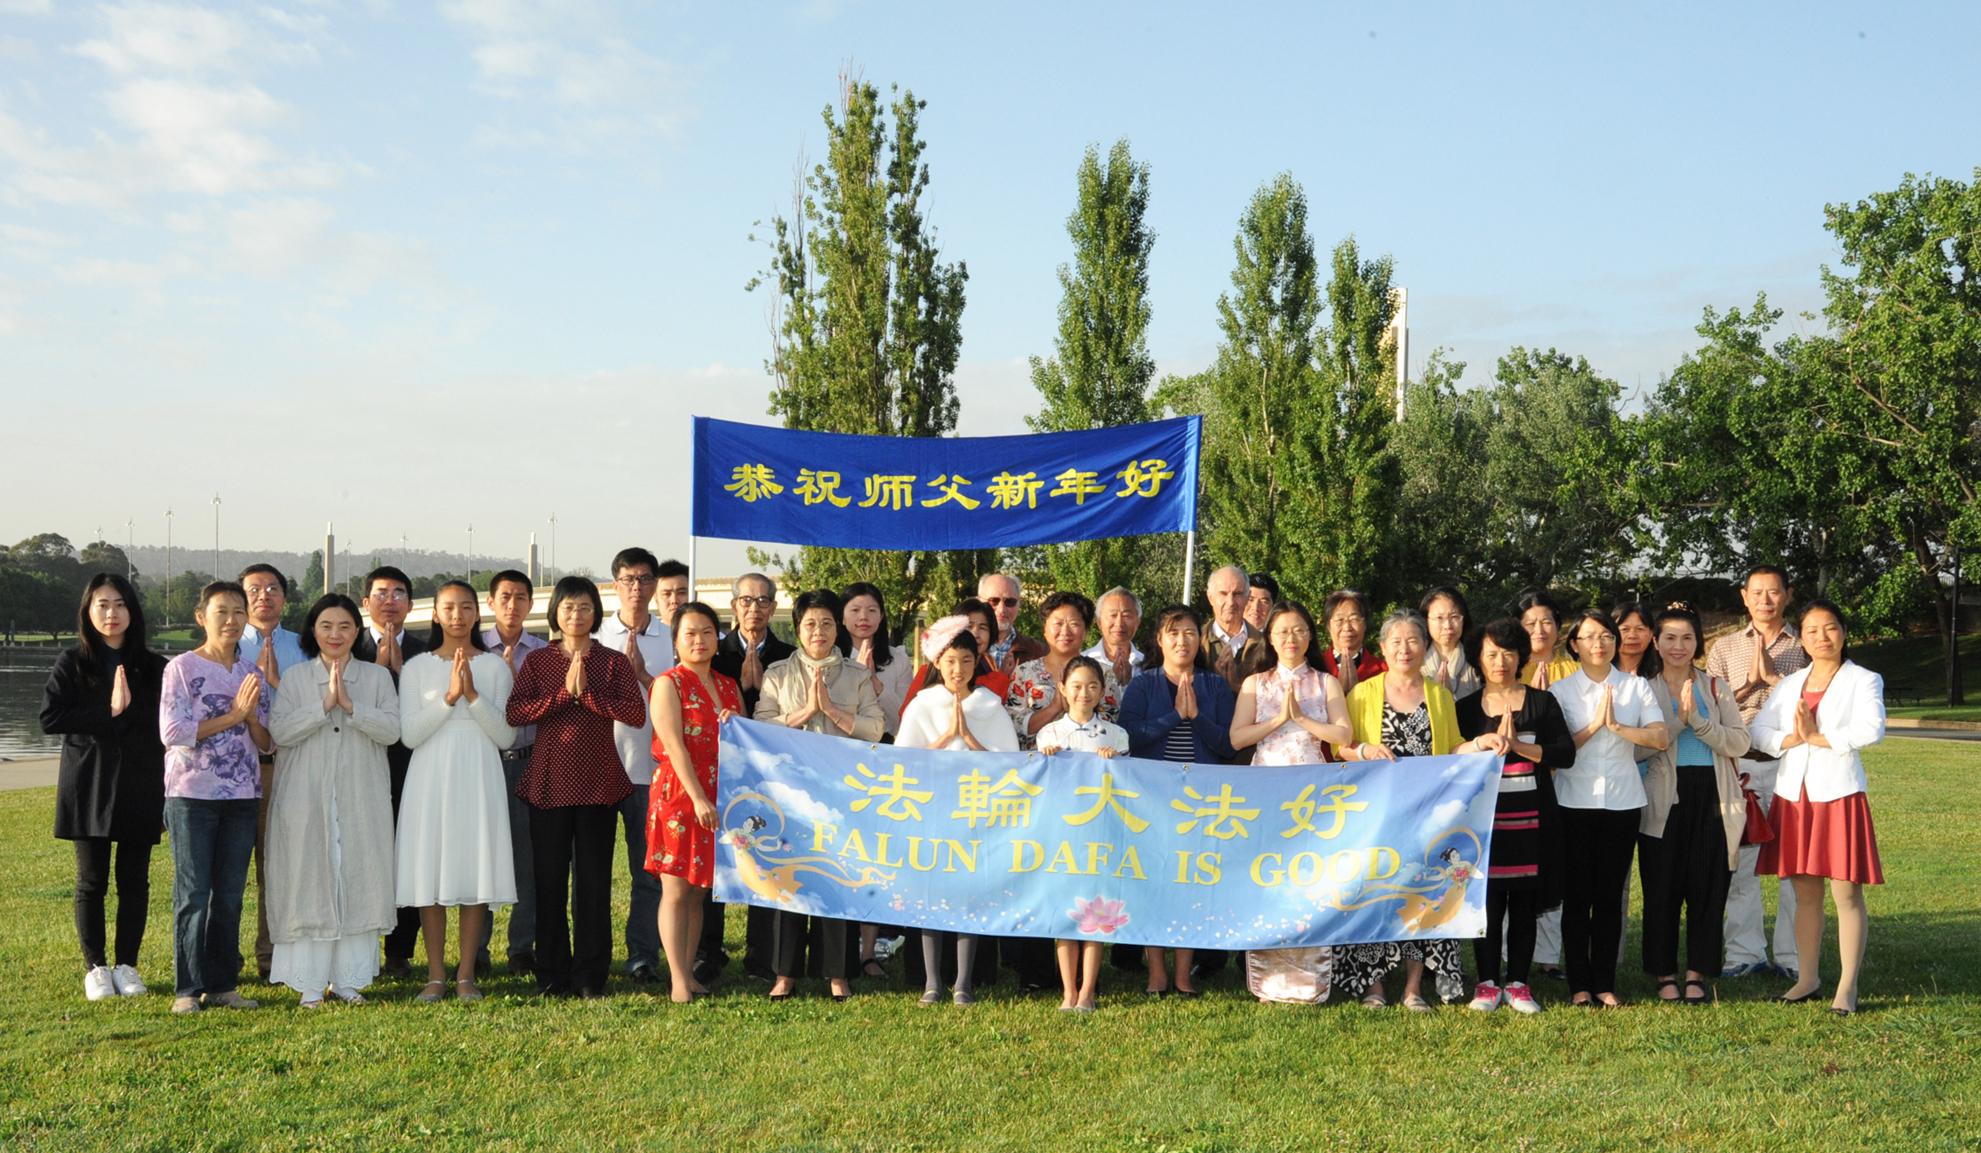 澳洲首都坎培拉法輪功學員共同恭祝李洪志師父新年好。(Jenny Zheng/大紀元)